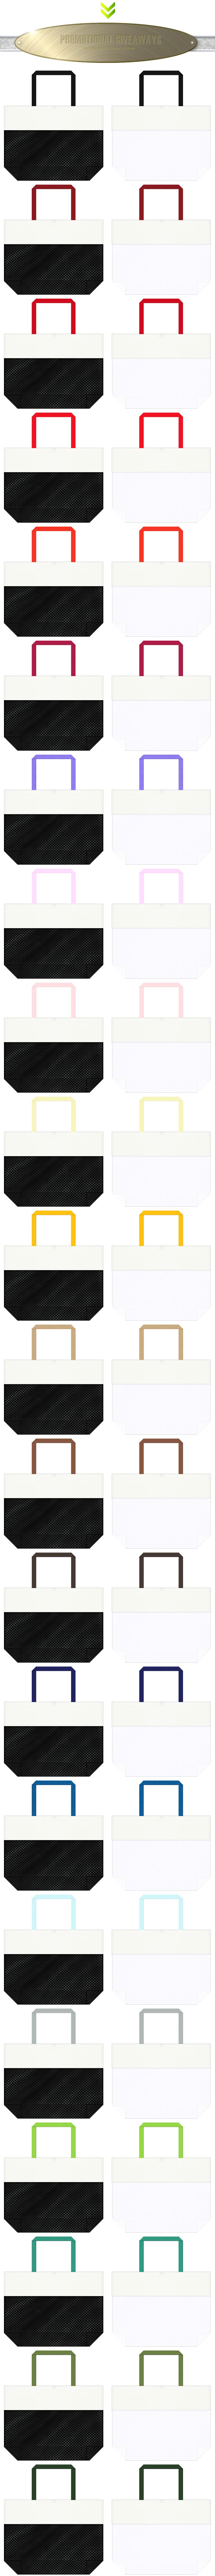 黒色メッシュ・白色メッシュとオフホワイト色の不織布をメインに使用した、台形型のメッシュバッグのカラーシミュレーション